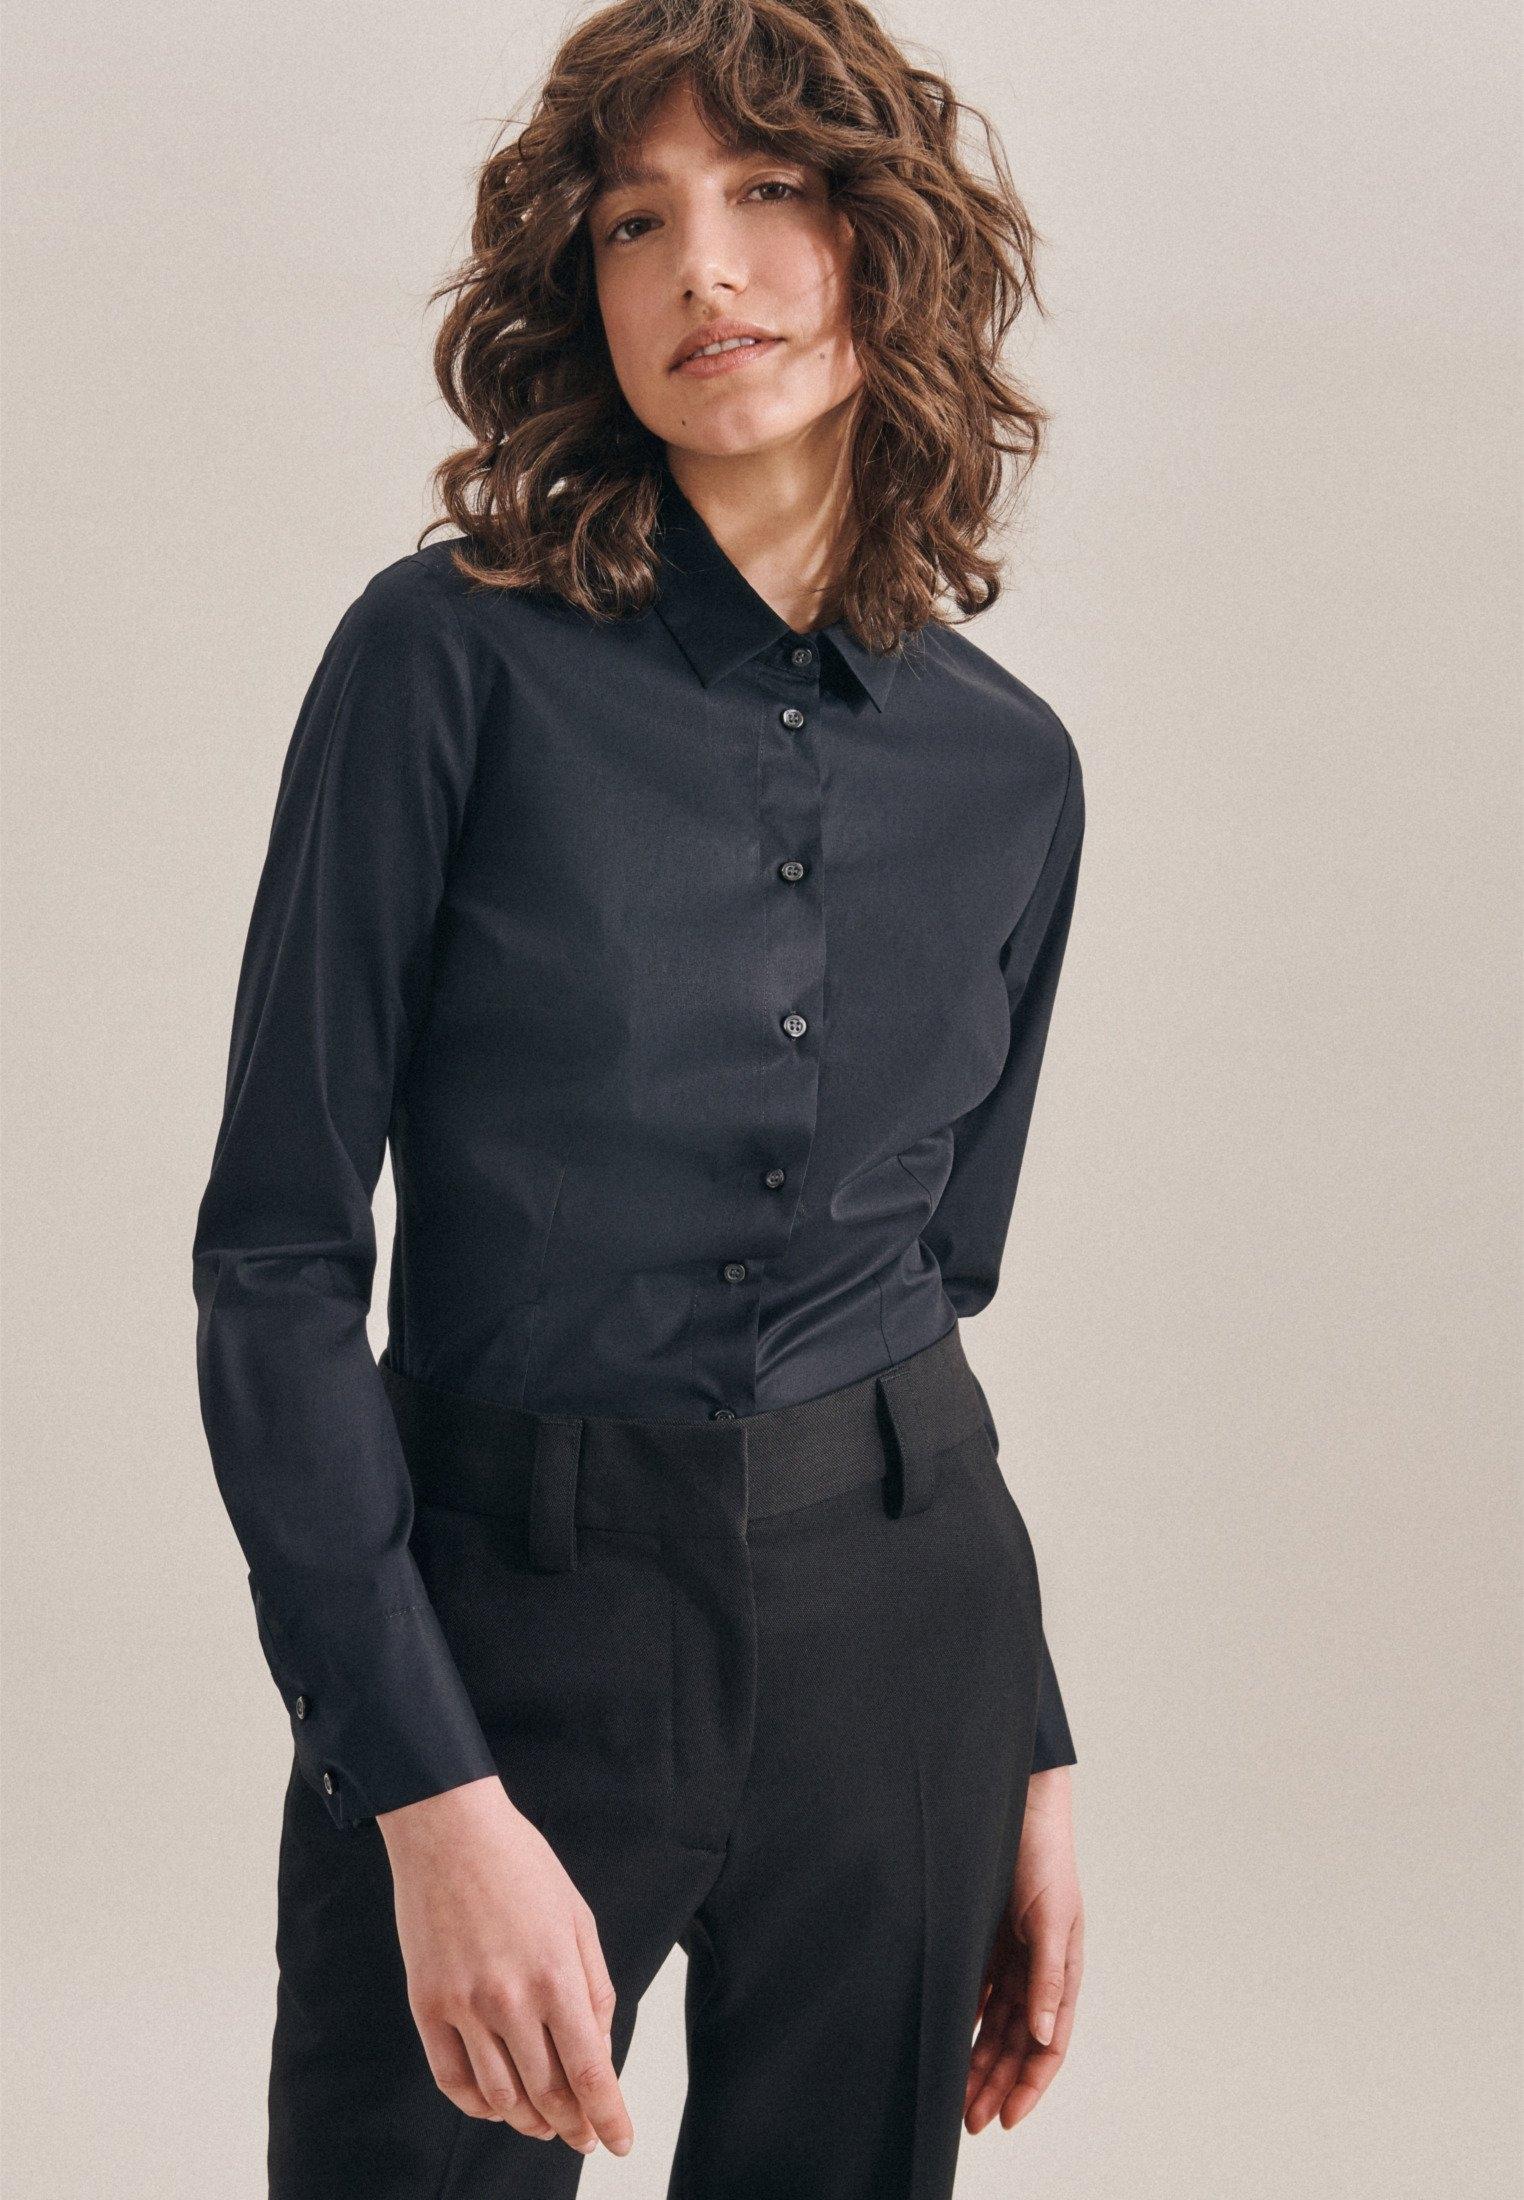 seidensticker klassieke blouse Zwarte roos Lange mouwen kraag uni online kopen op otto.nl